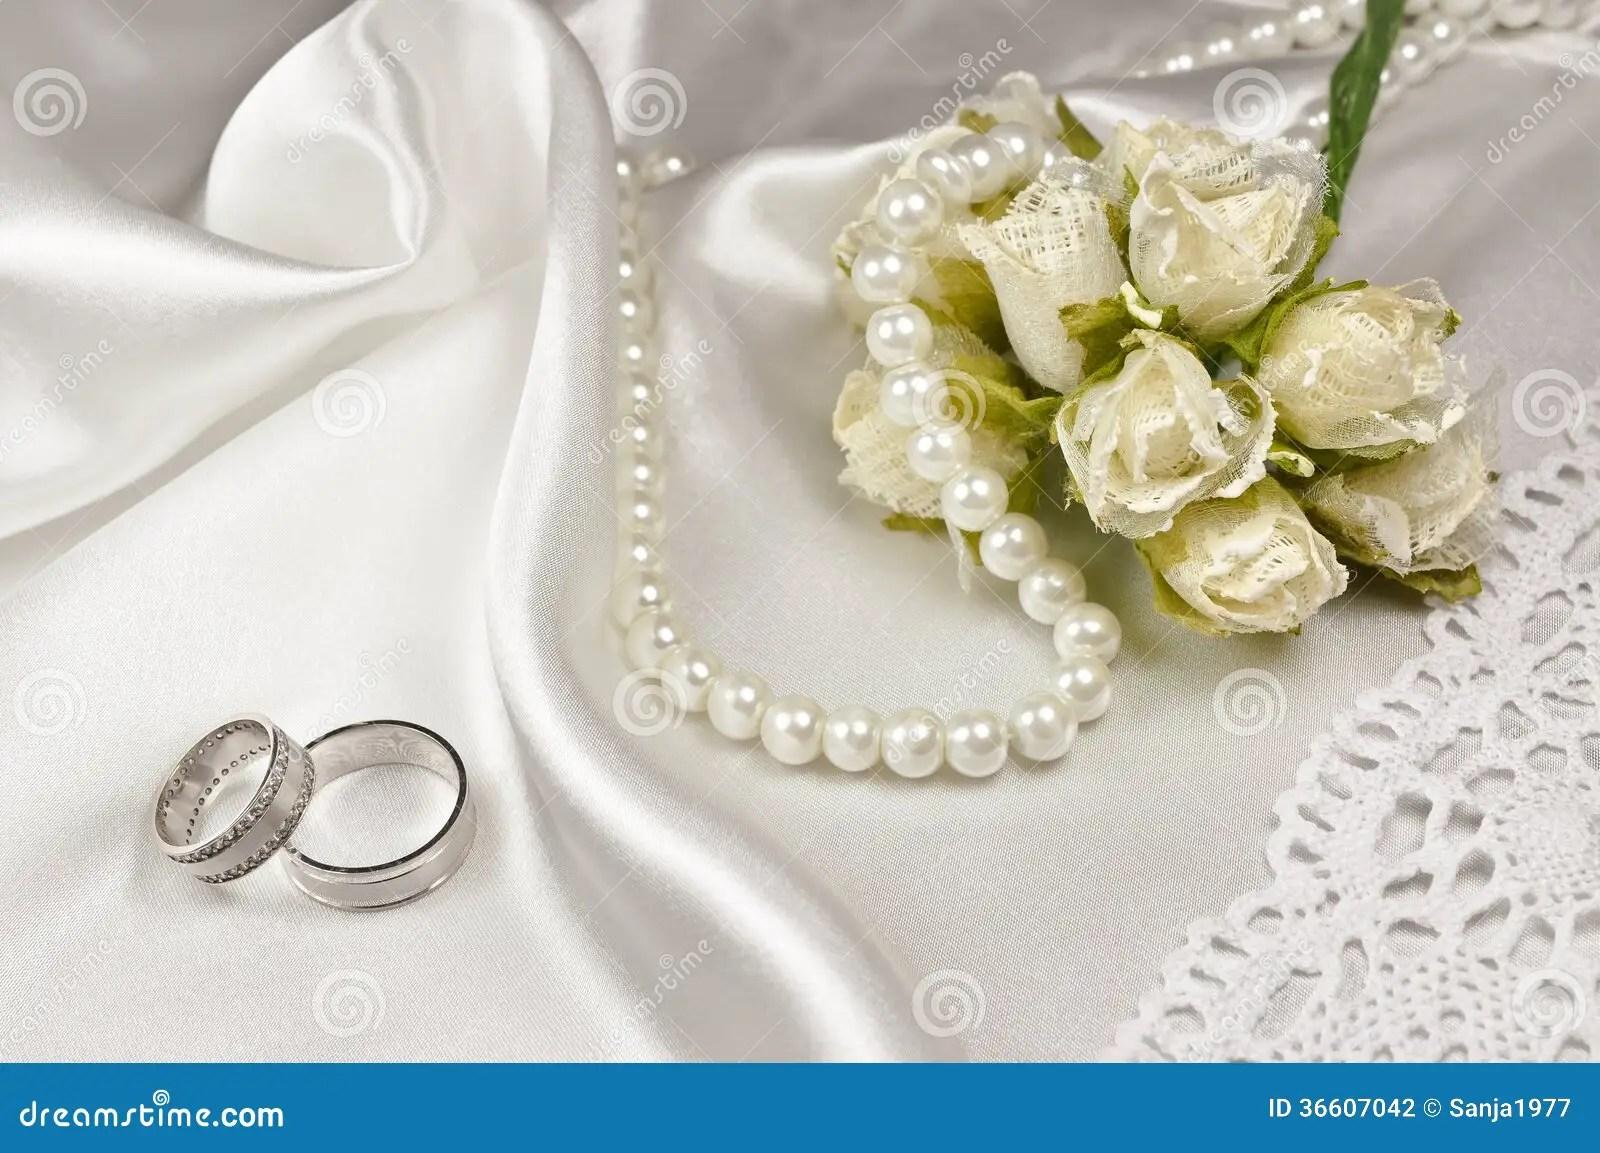 Ring Ceremony Hd Wallpaper Wedding Arrangement Stock Photo Image Of Golden Groom